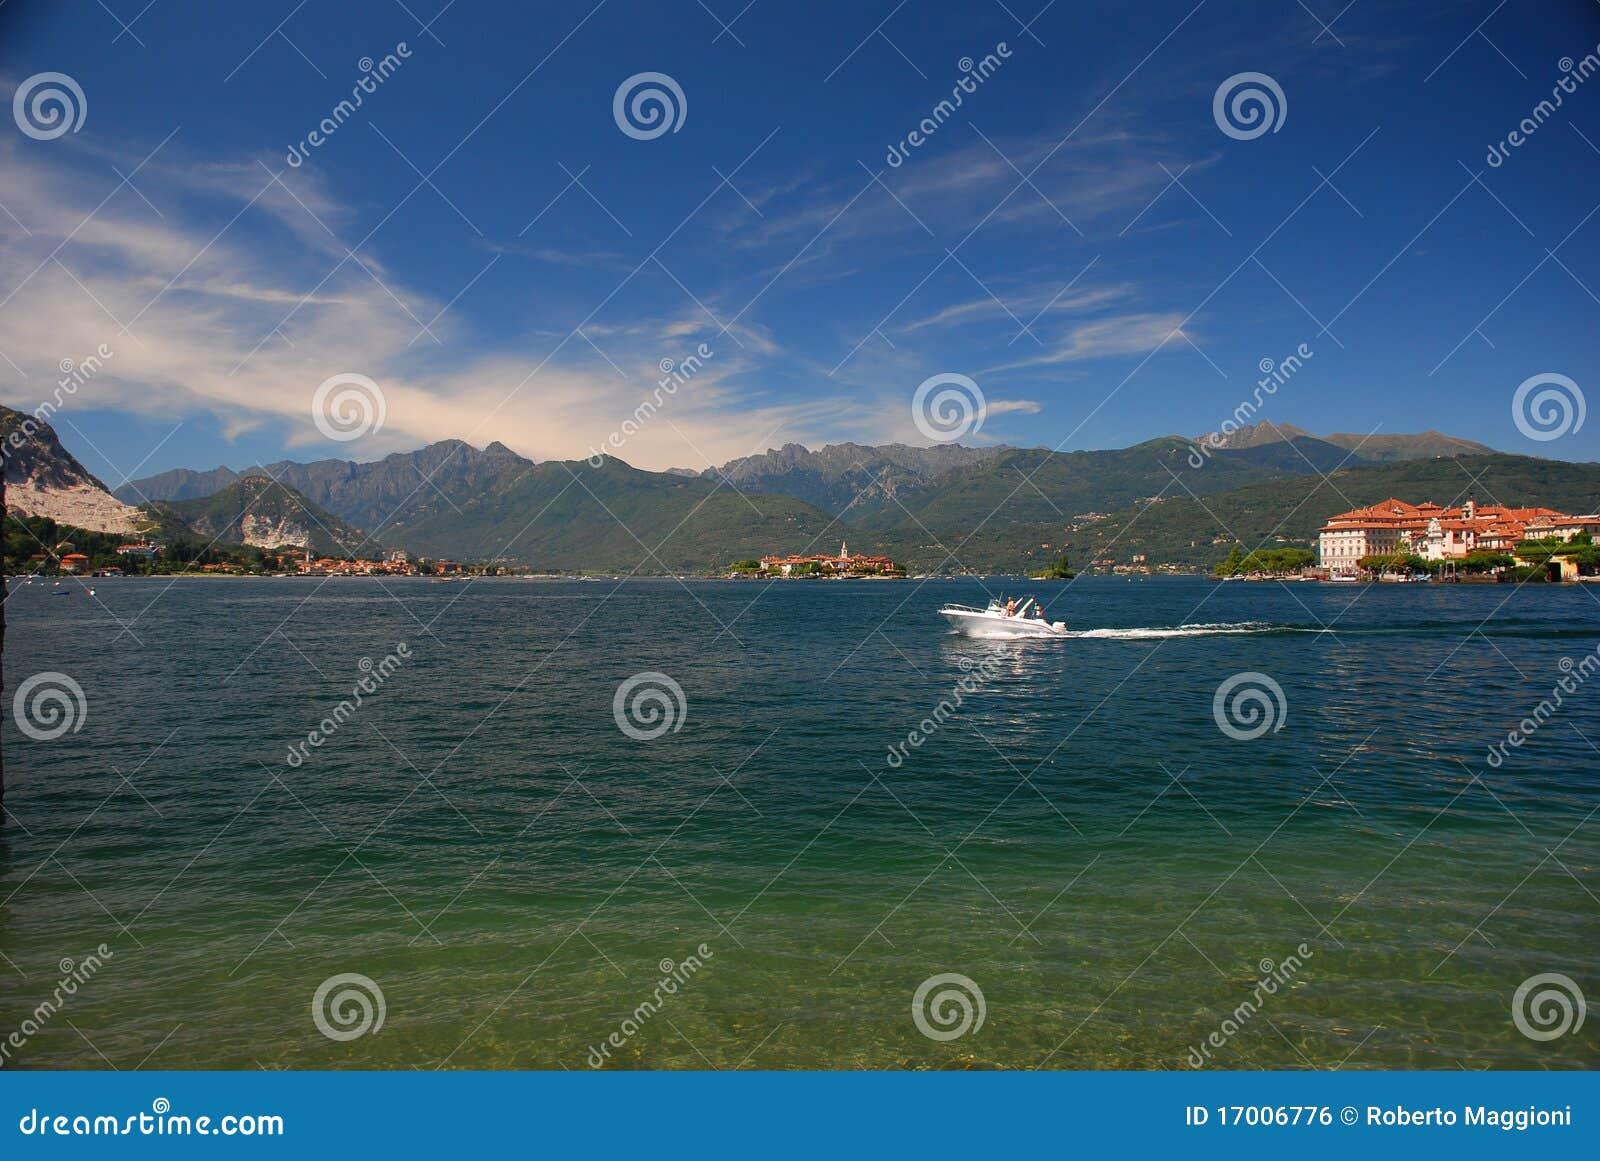 Italy jeziora maggiore